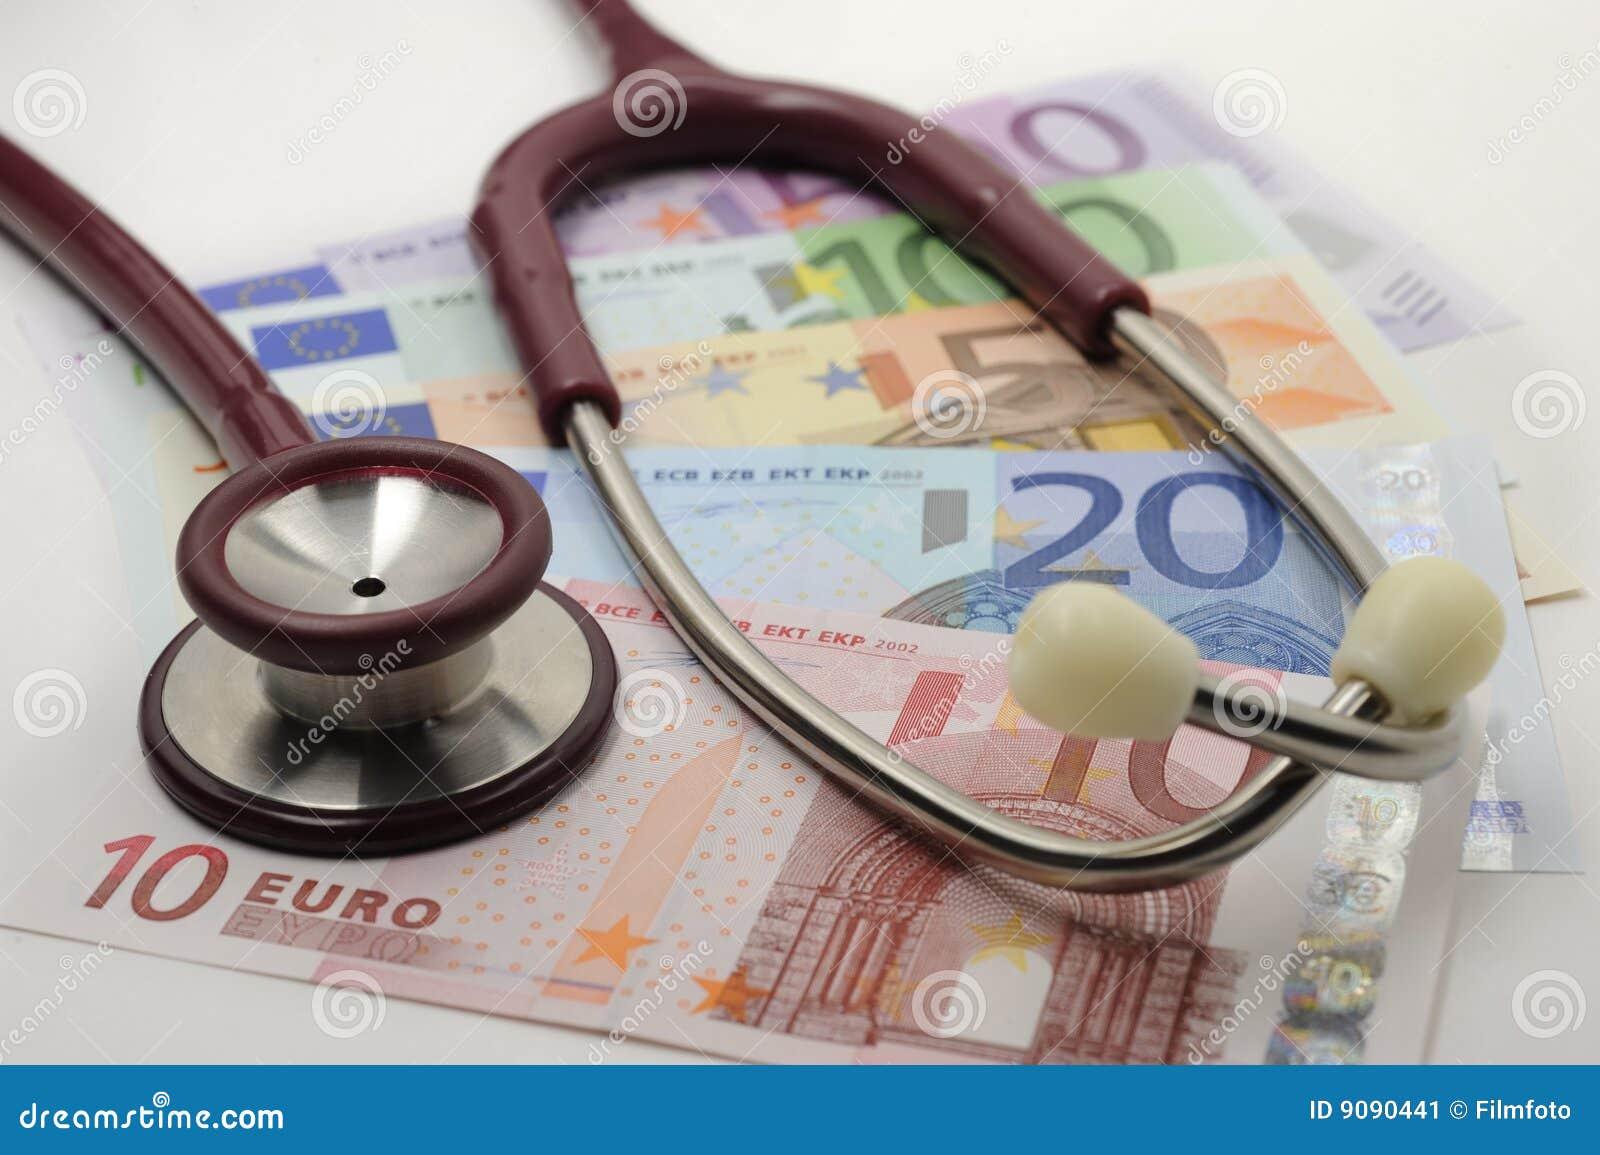 Stethoskop und Euro